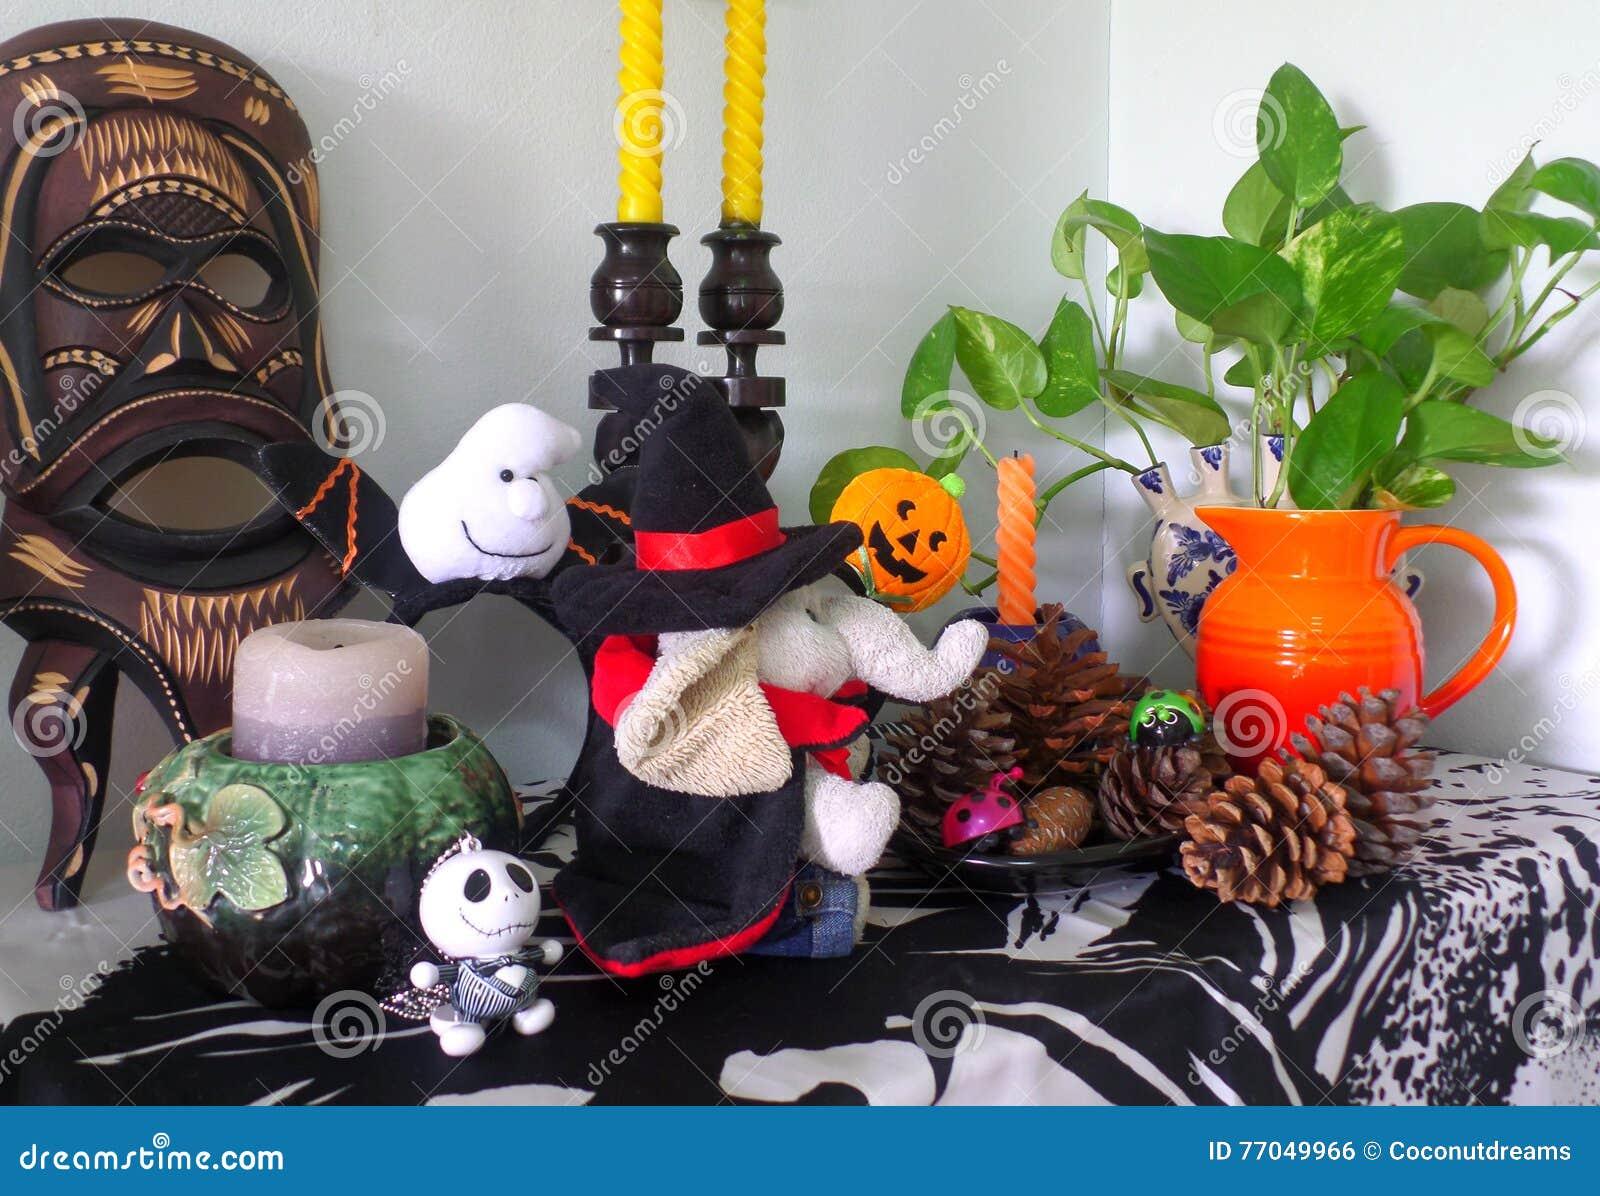 die netteste halloween-dekoration im wohnzimmer!! stockfoto - bild ...